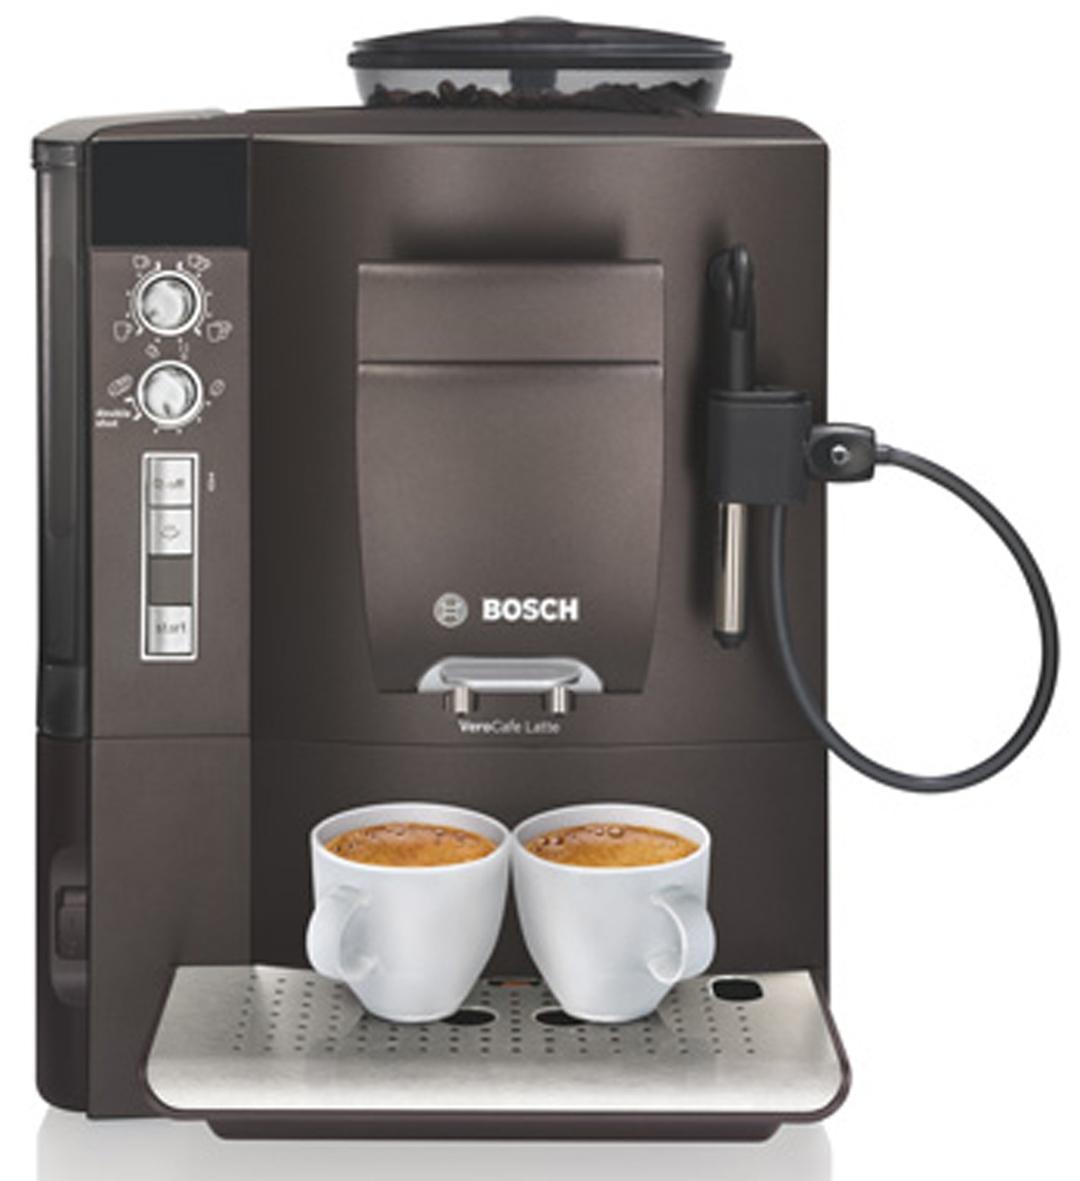 bosch verocafe dunkelbraun kaffeevollautomat bosch verocafe latte und lattepro. Black Bedroom Furniture Sets. Home Design Ideas